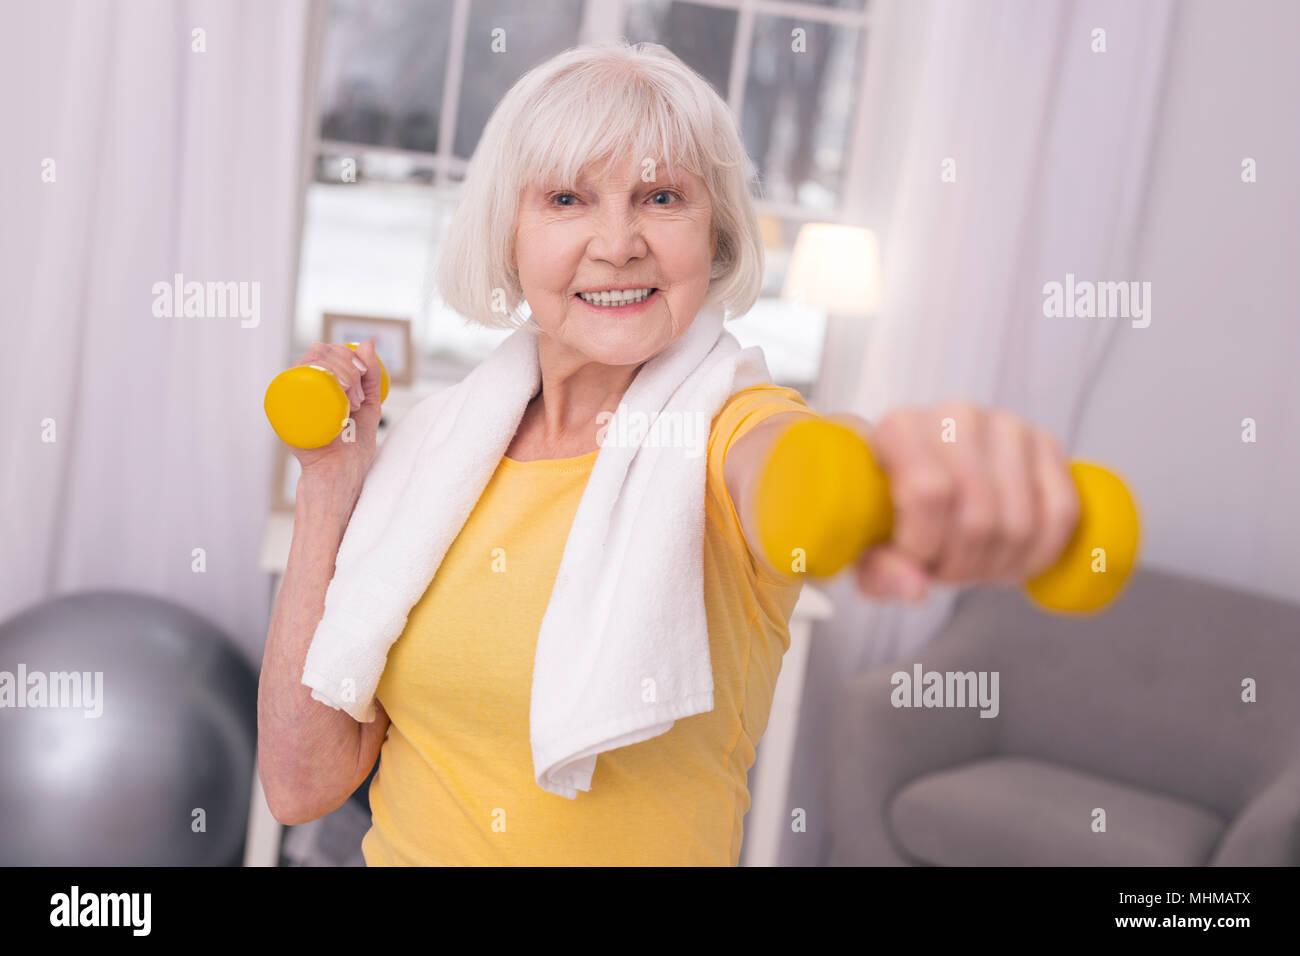 Vieille femme joyeuse l'entraînement avec haltères courtes Banque D'Images